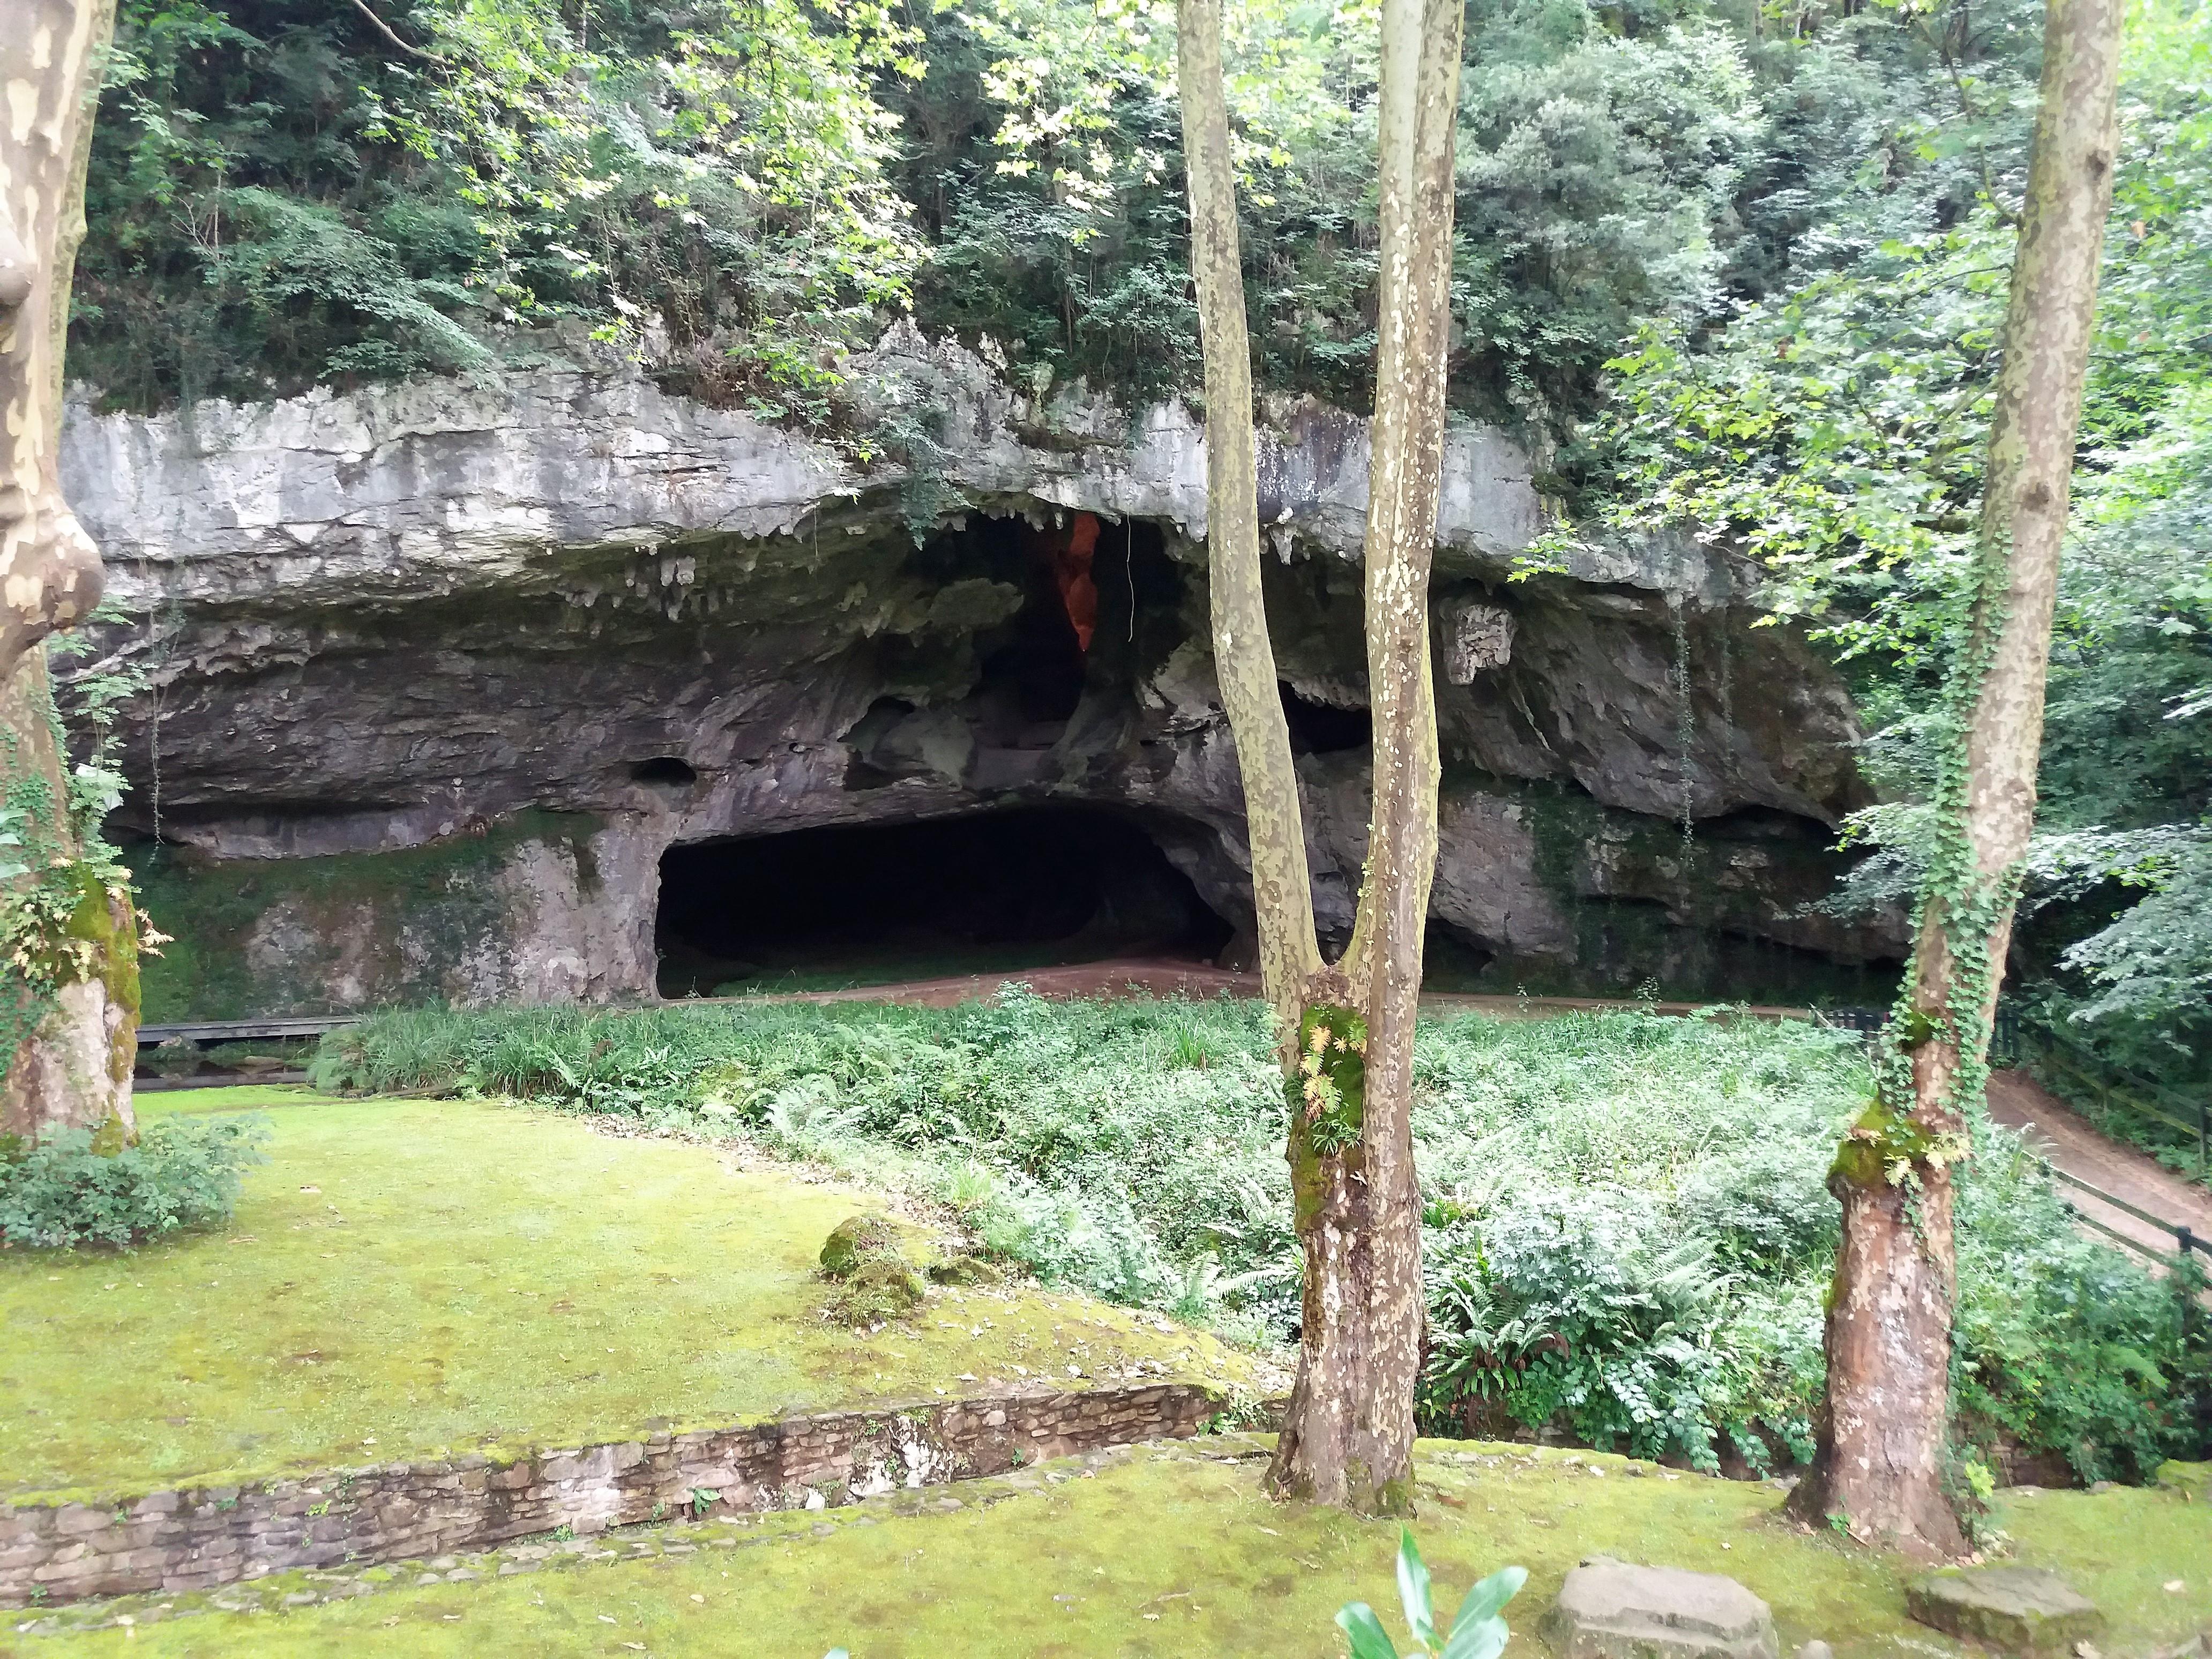 grottes_de_sare_pays_basque